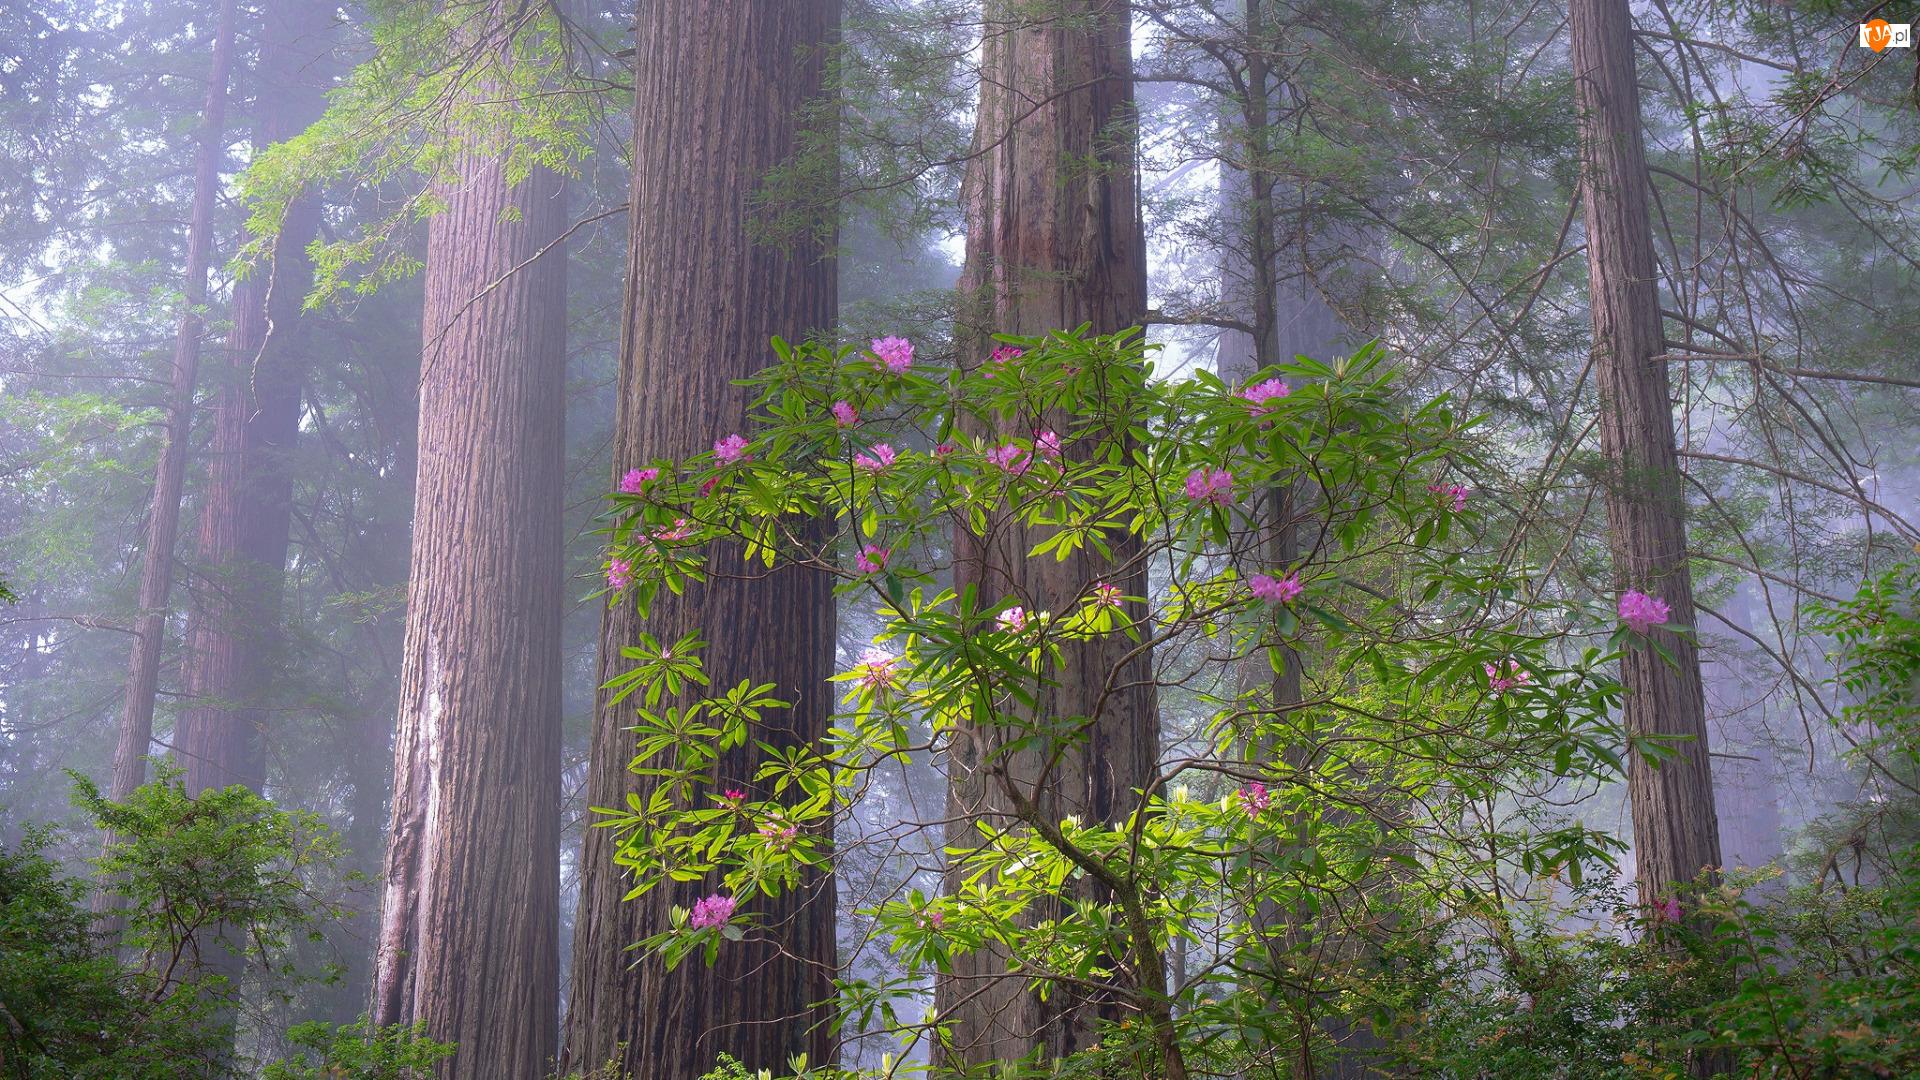 Las, Park Narodowy Redwood, Różanecznik, Stany Zjednoczone, Drzewa, Kalifornia